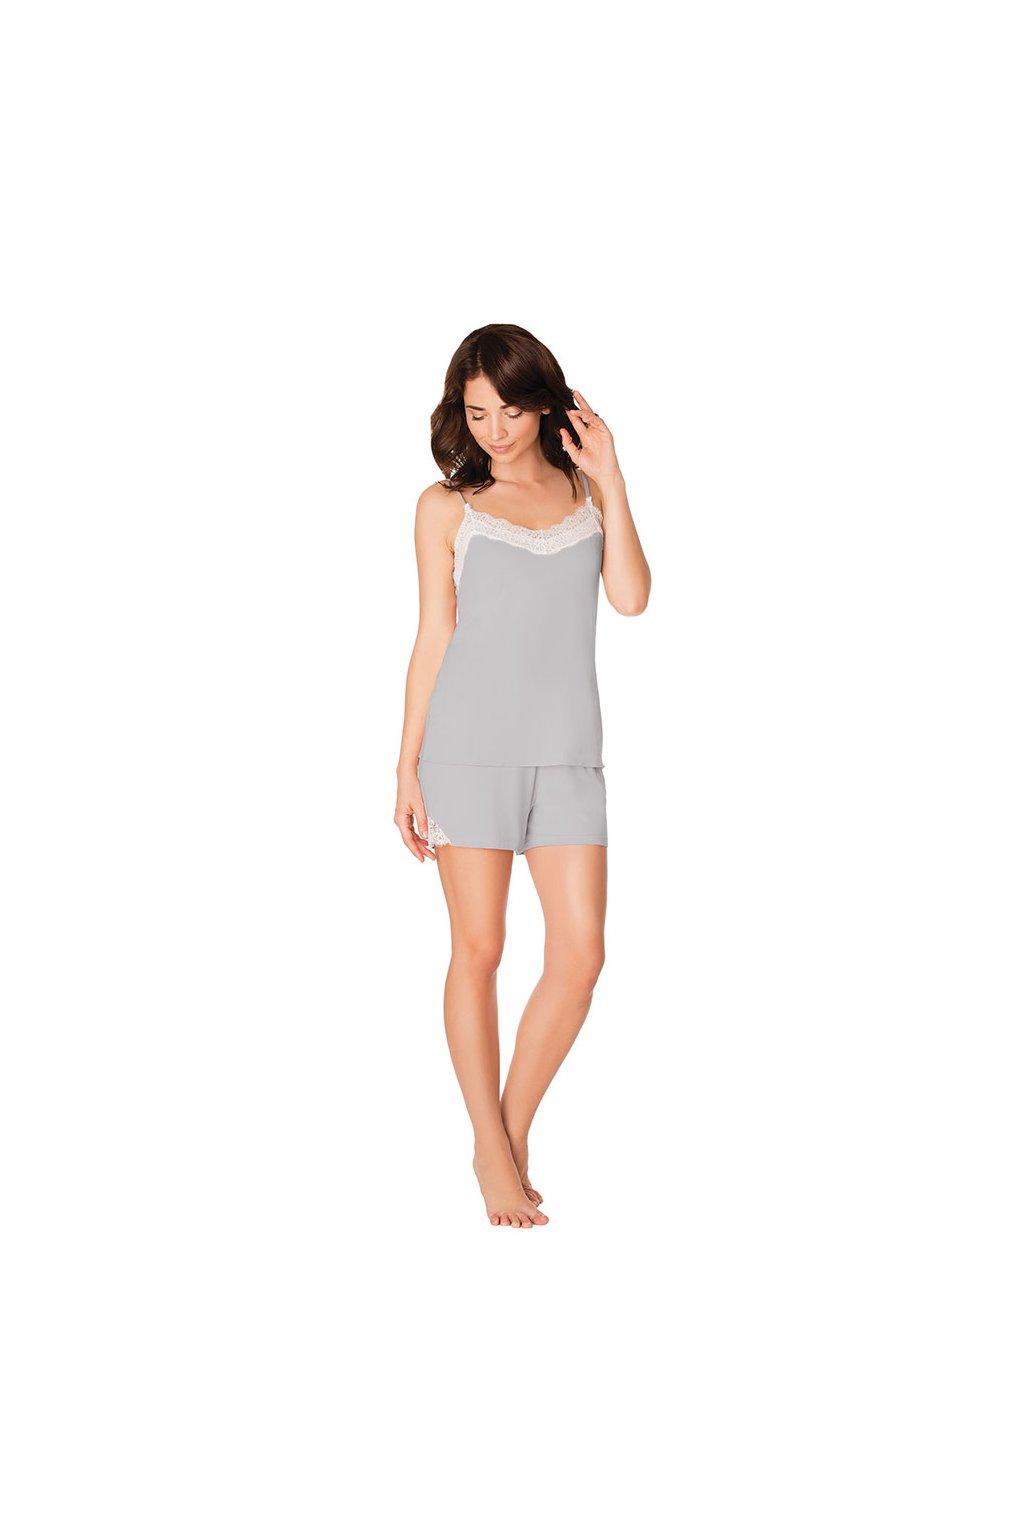 Dámské pyžamo s úzkými ramínky, 104432 271, šedá